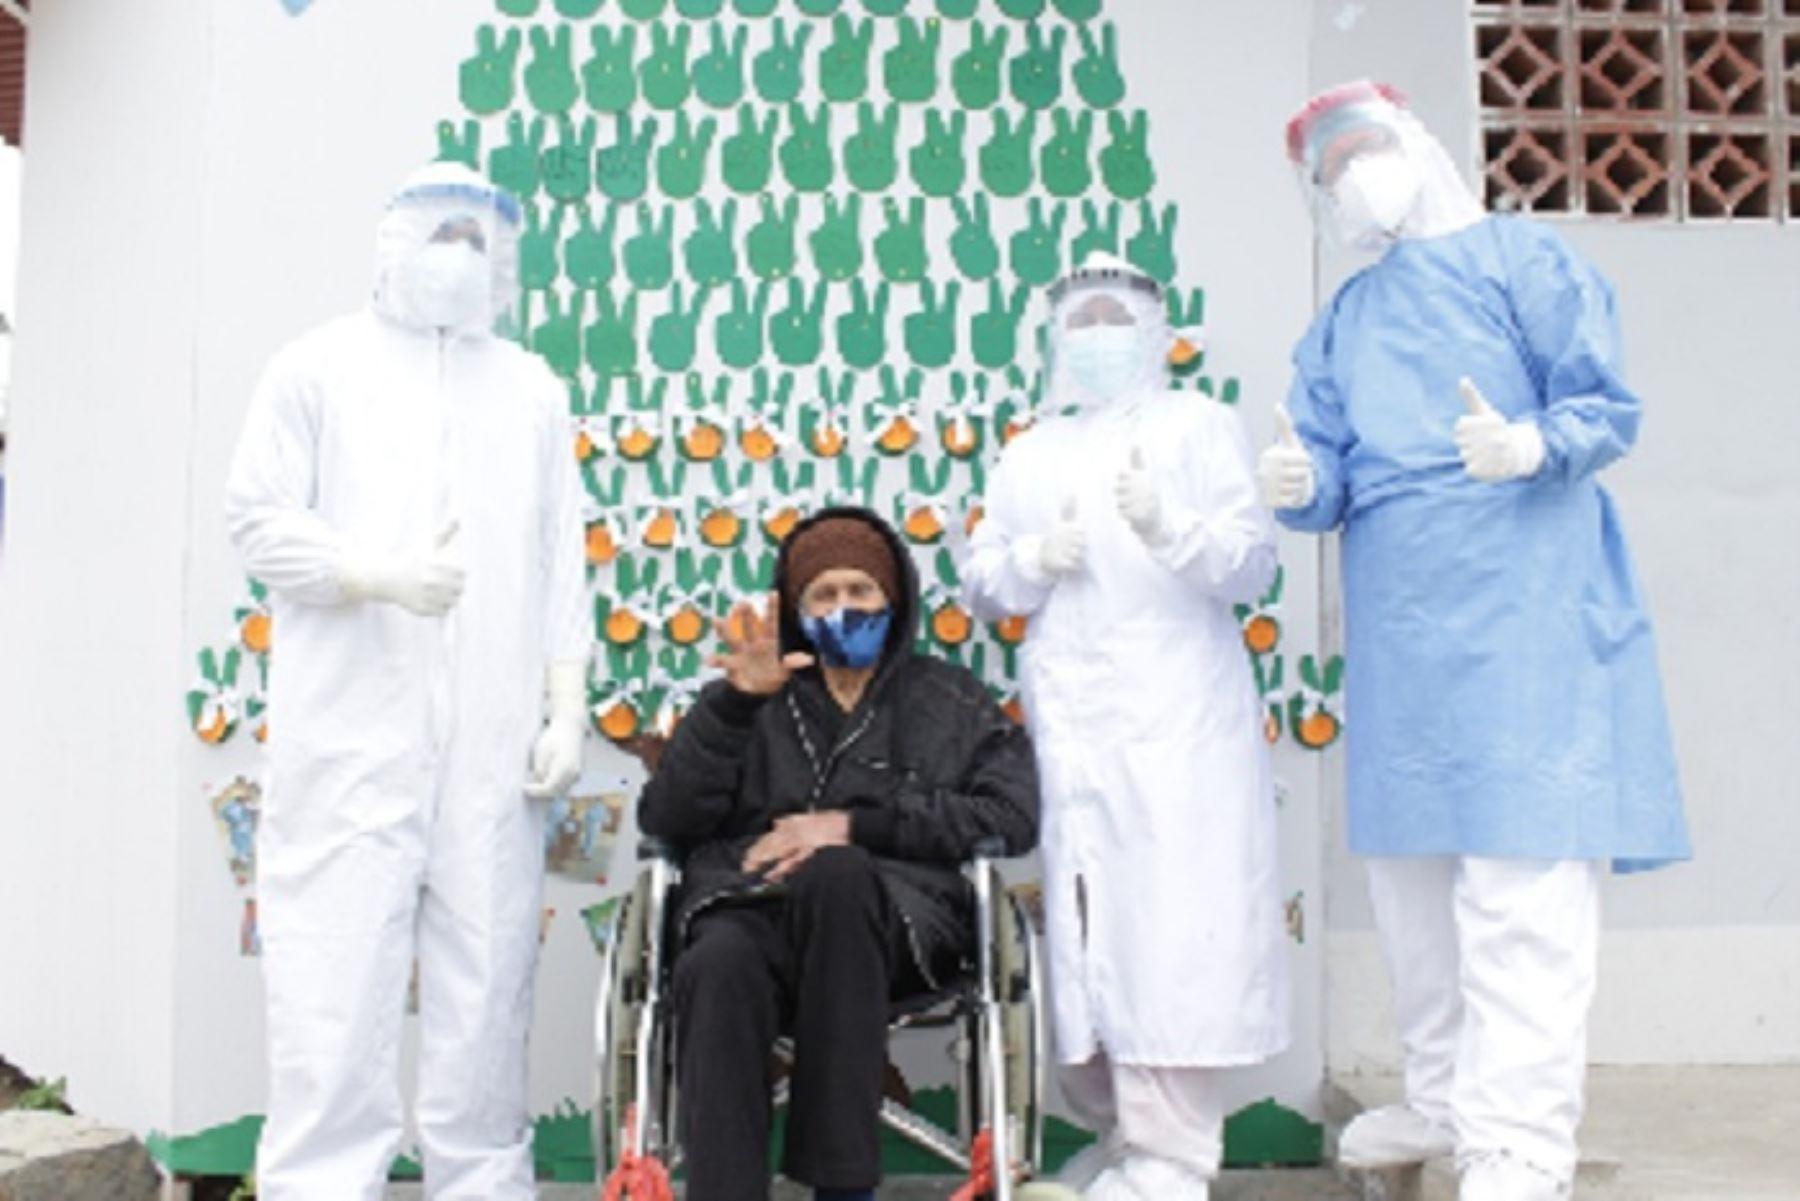 Los médicos Cubanos Alaín Crespo Rodríguez y Mario Almeida Alfonso estuvieron a cargo de la atención del paciente. Destacaron su fortaleza y deseo de volver a reunirse con su familia.